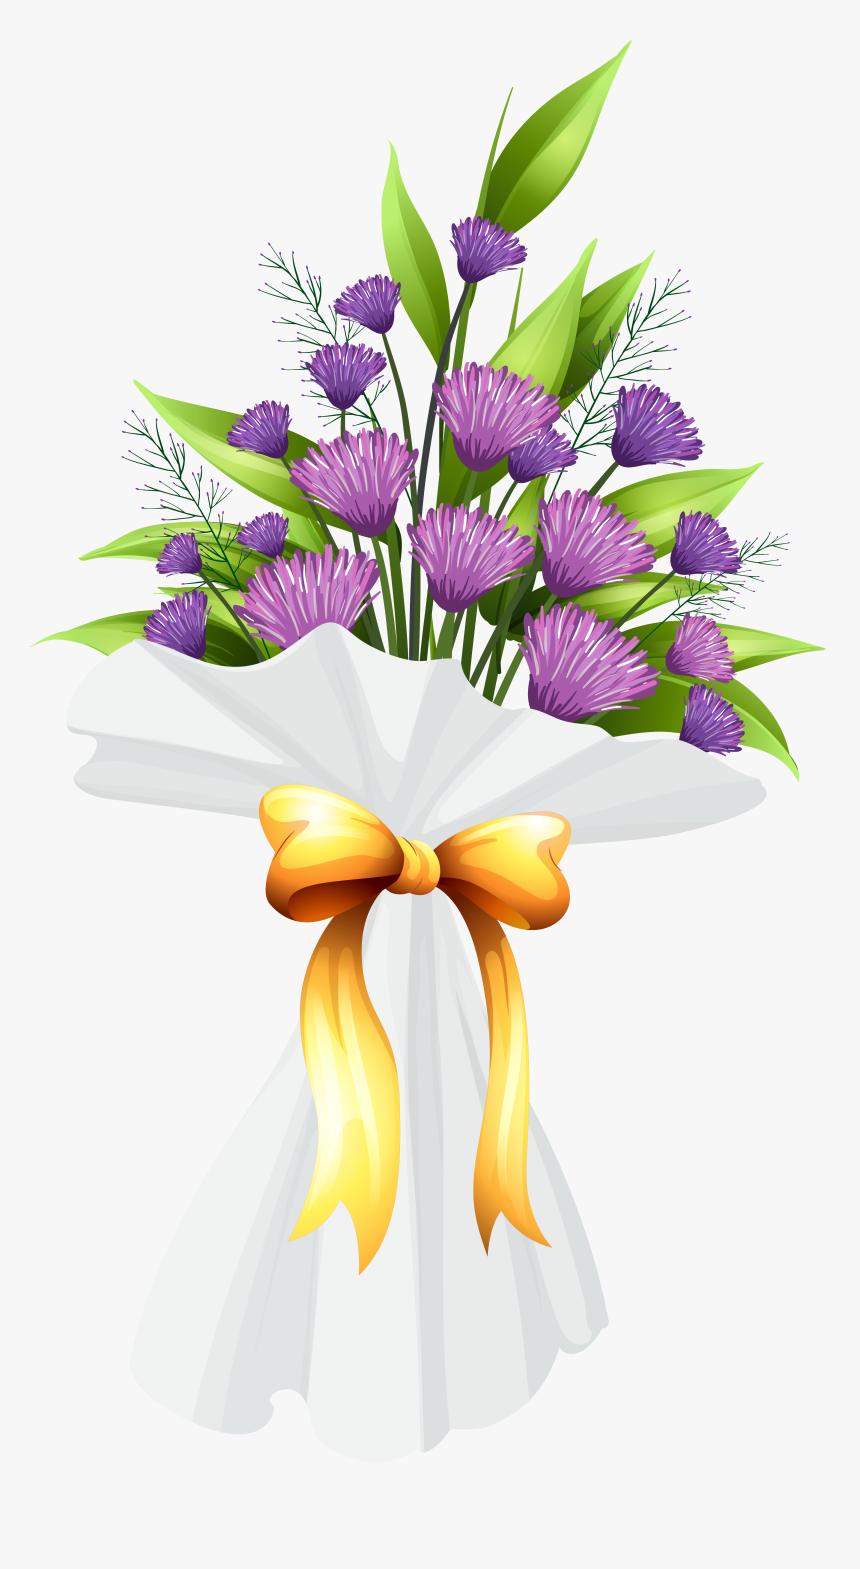 Purple Flowers Bouquet Png Clipart Image Transparent Png Kindpng